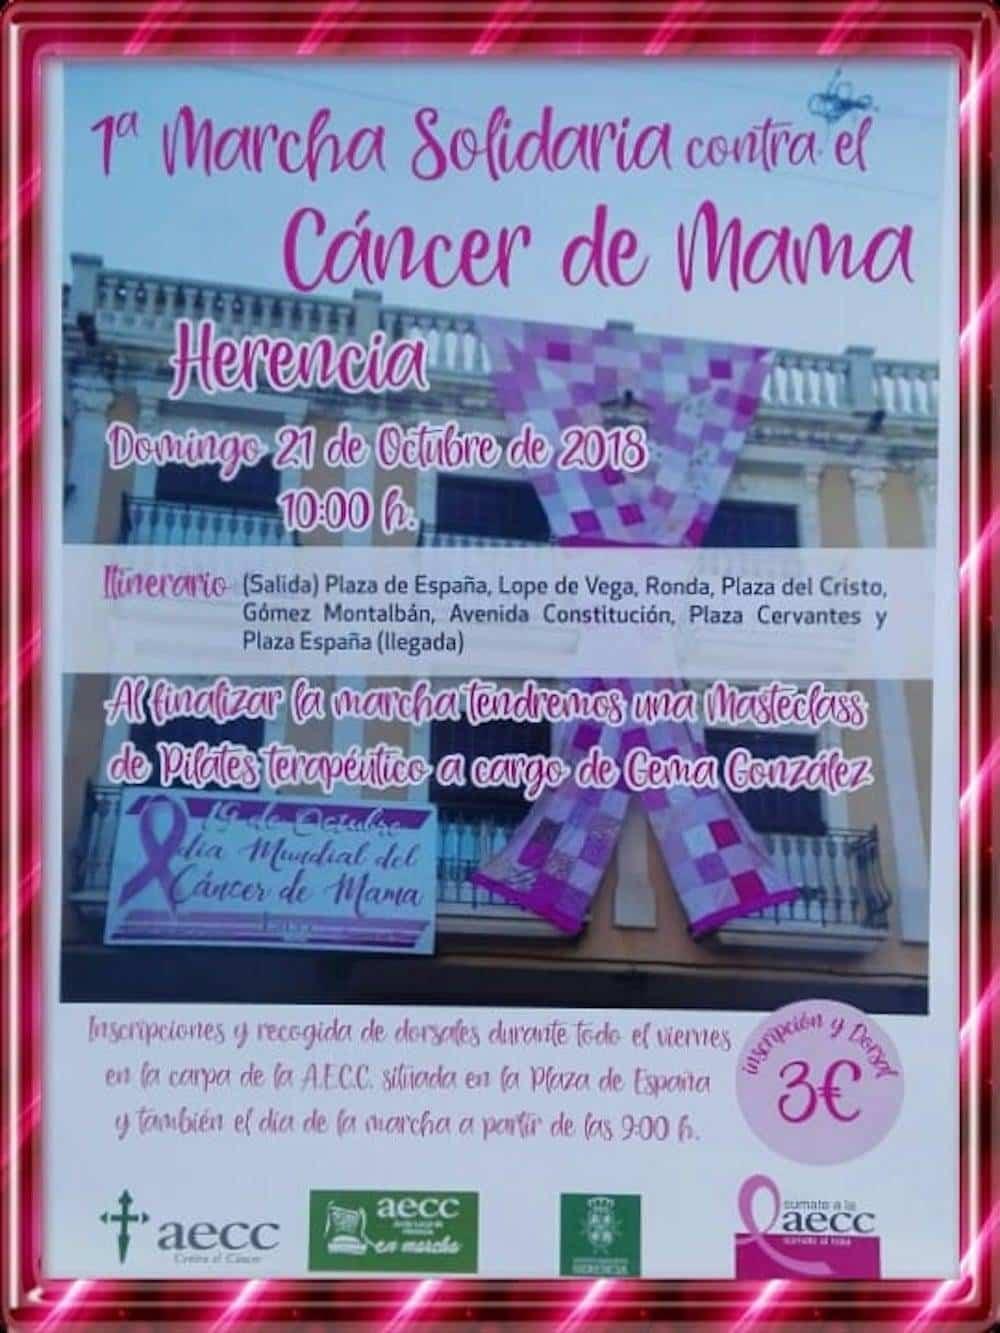 marcha contra el cancer mama - Primera Marcha Solidaria contra el Cáncer de mama en Herencia